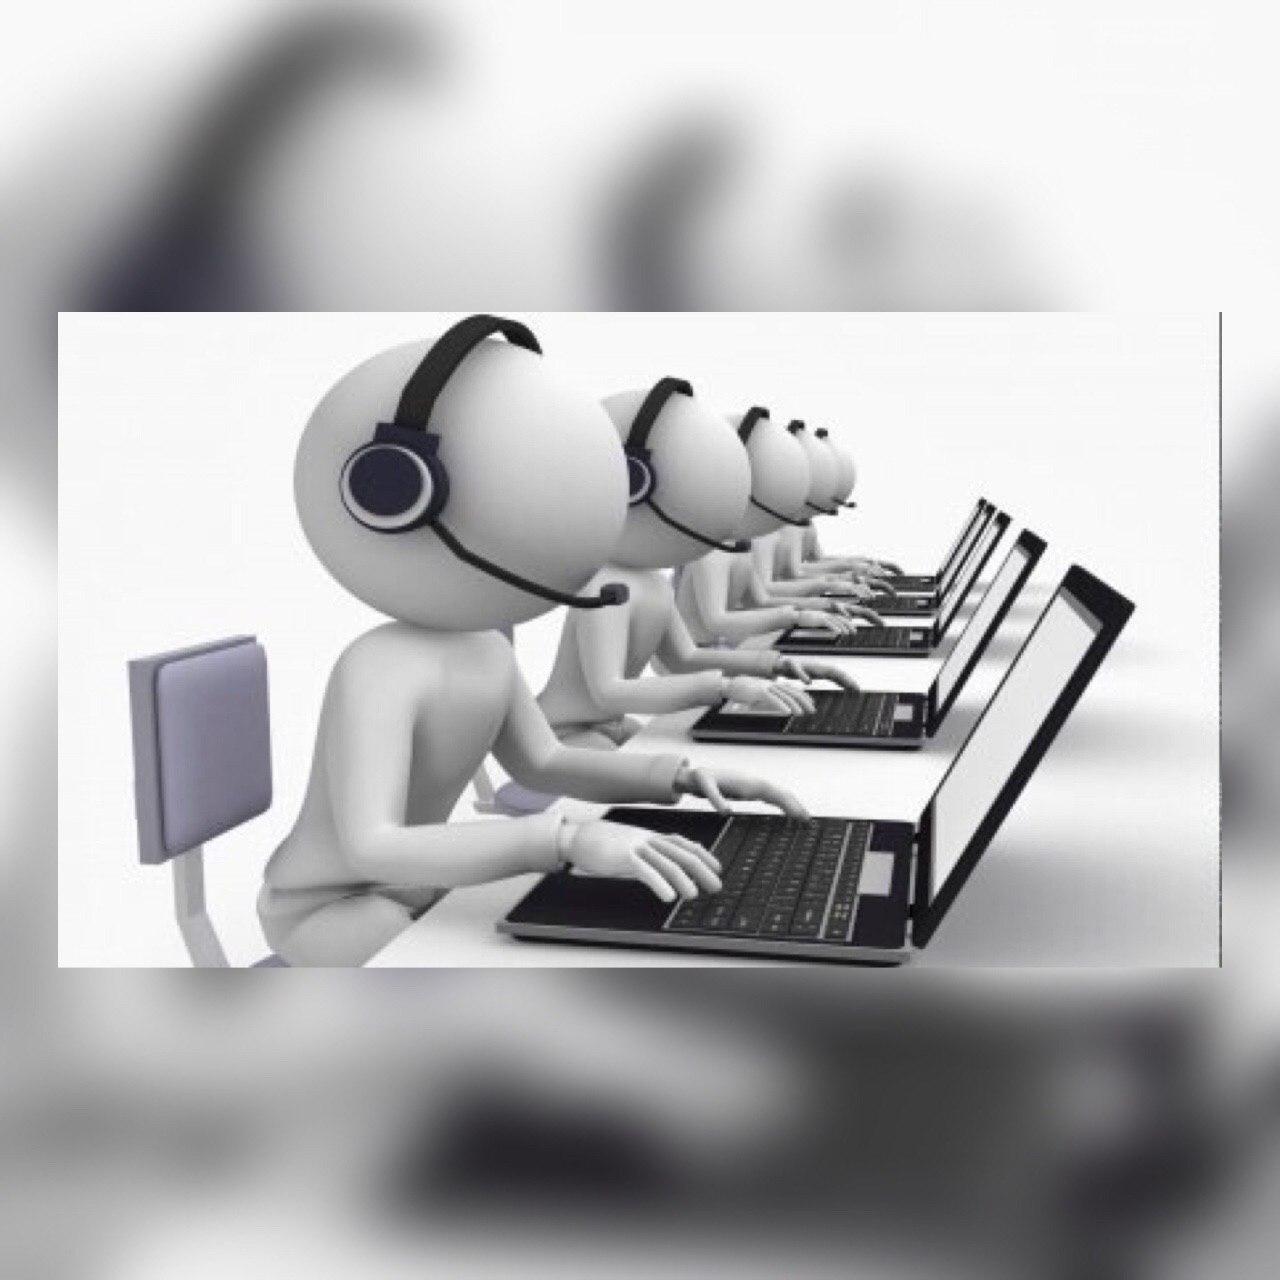 الجائحة ومسار التعليم الافتراضي